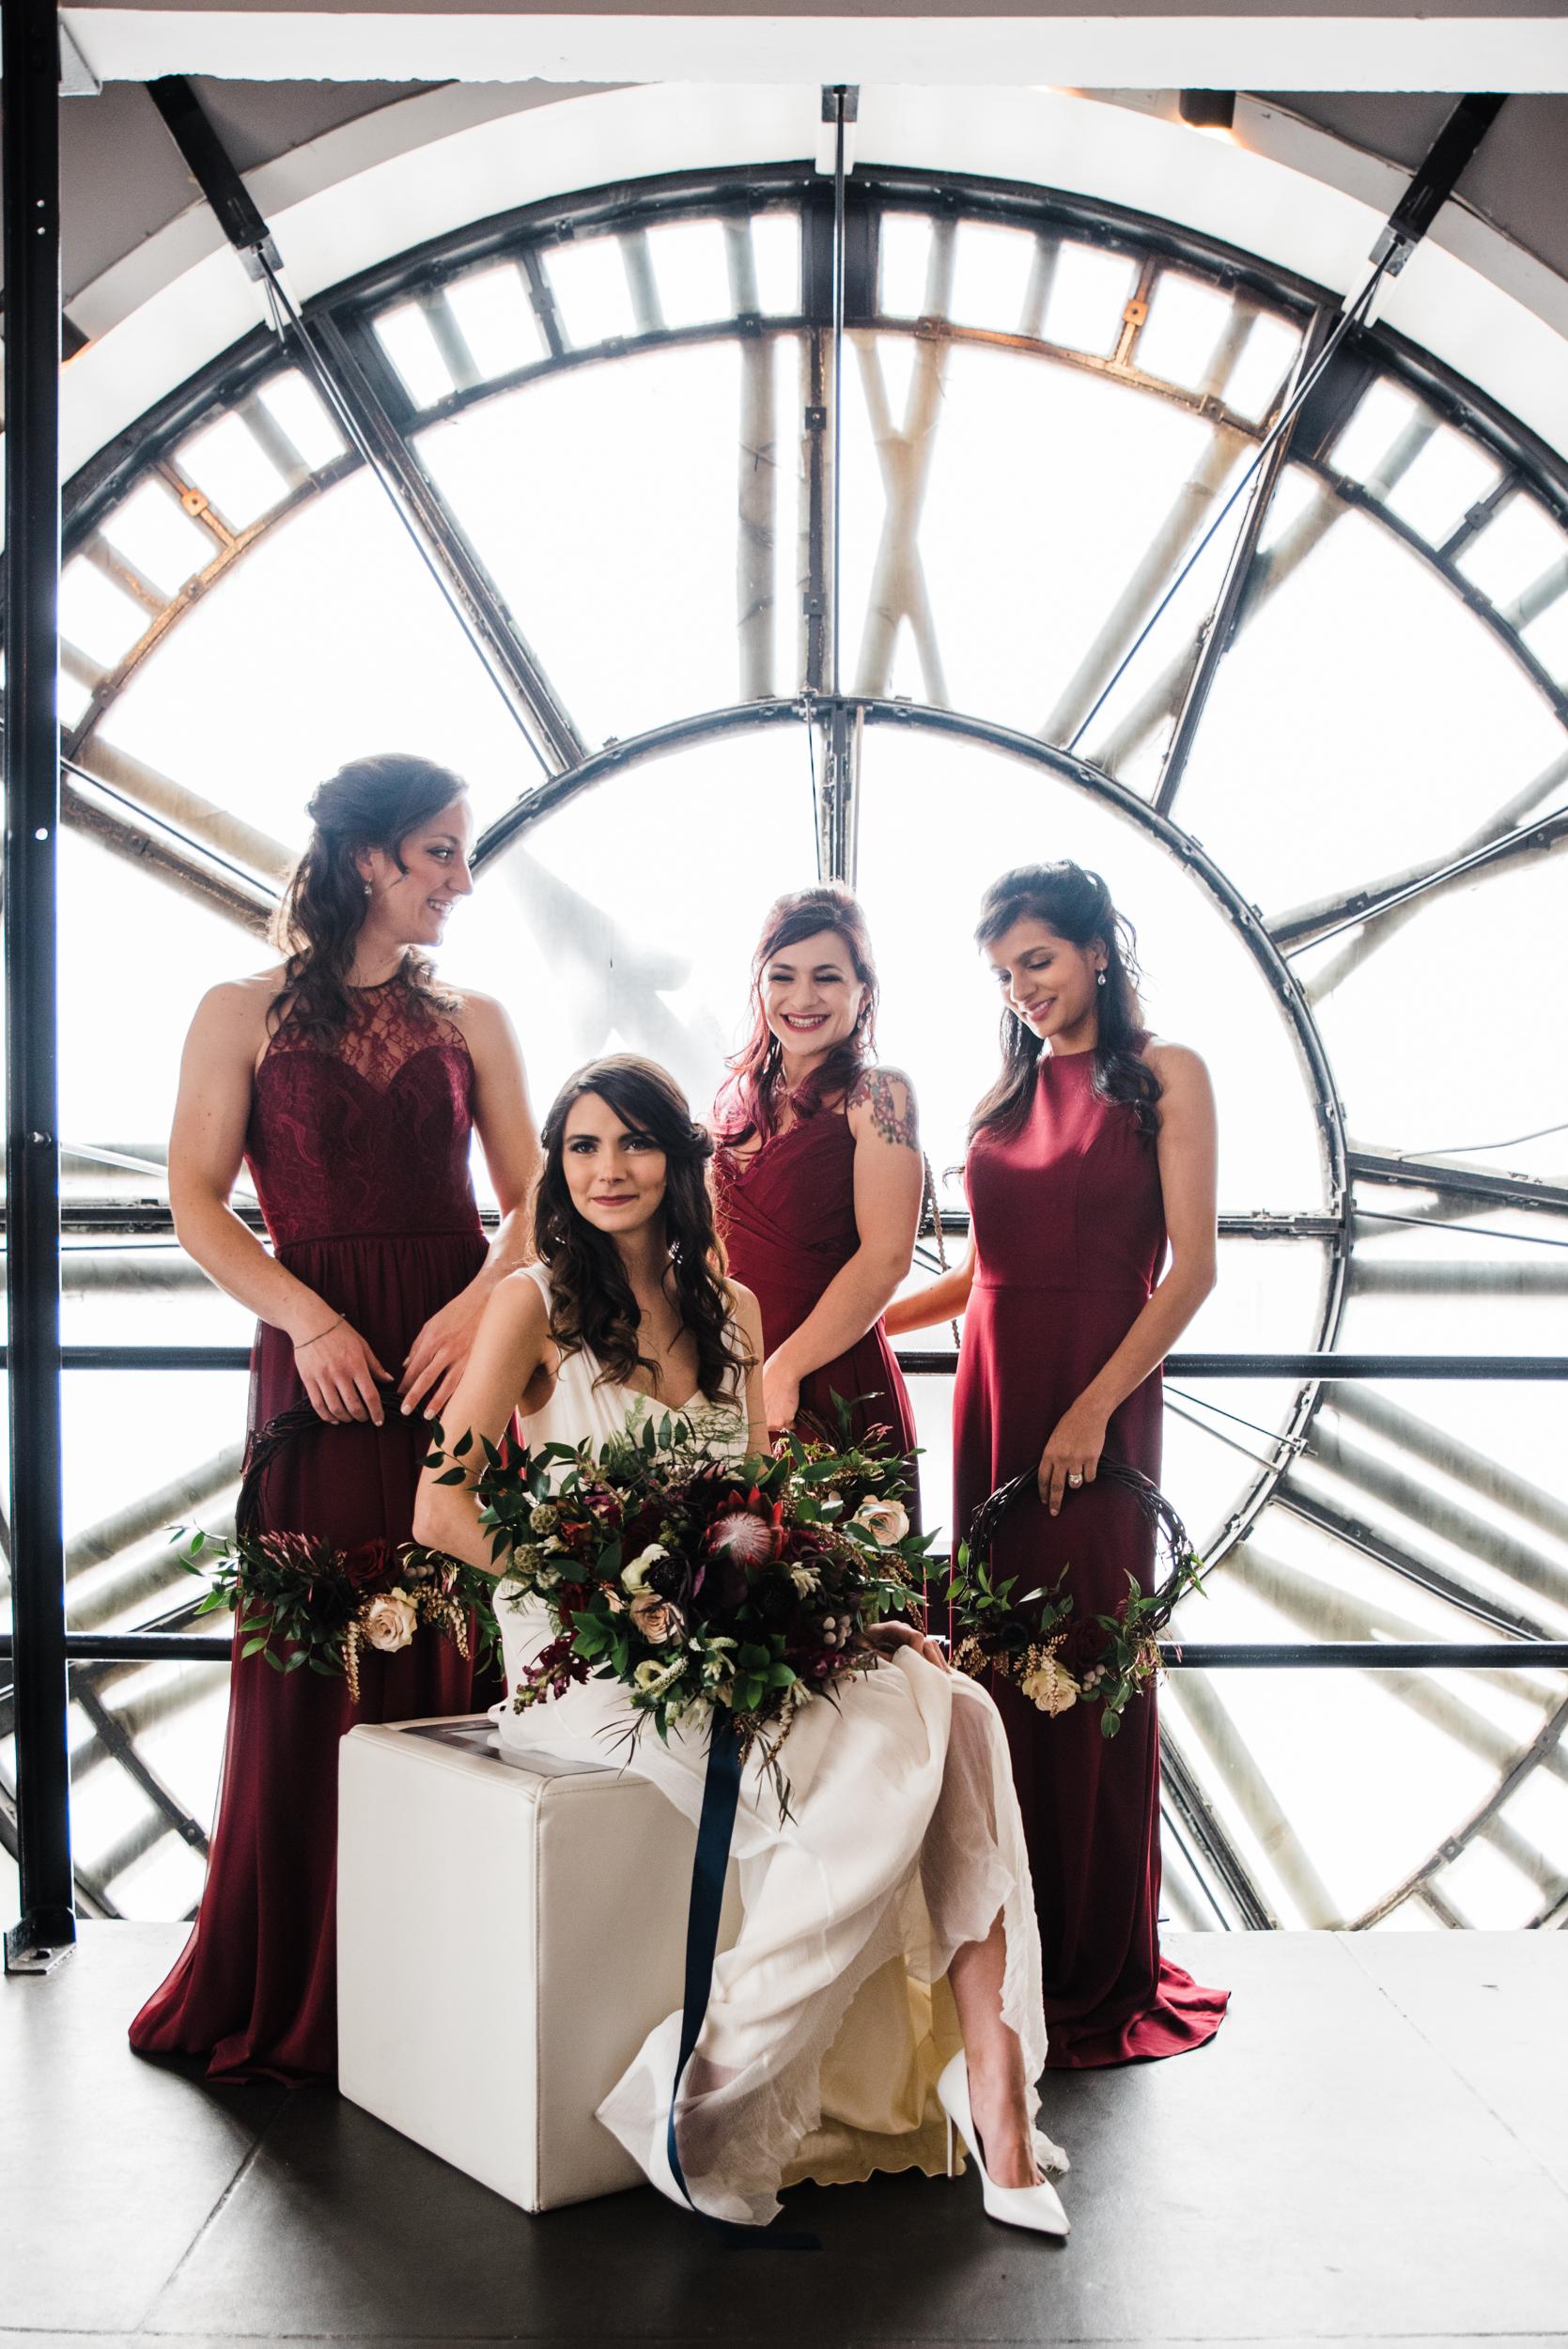 Denver-Clock-Tower-Elopement-Wedding-52.jpg